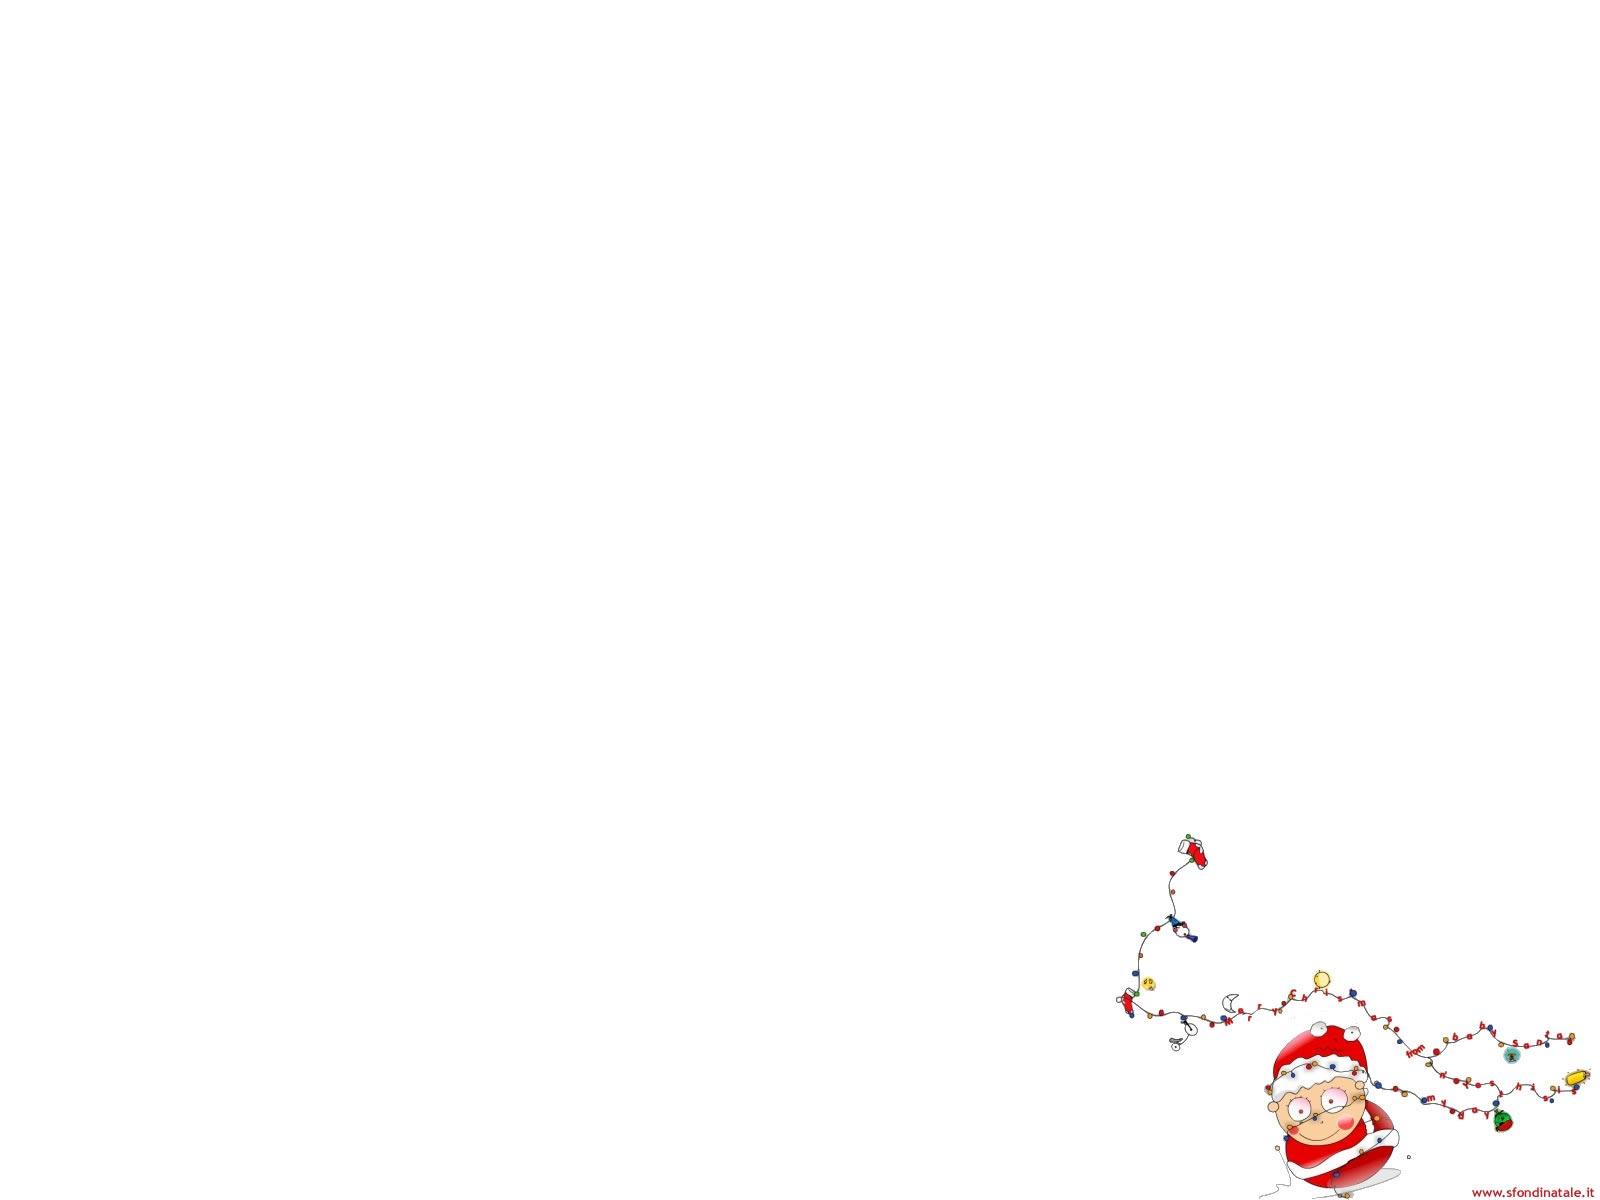 Sfondi Natale - Sfondo Babbo Natale divertente